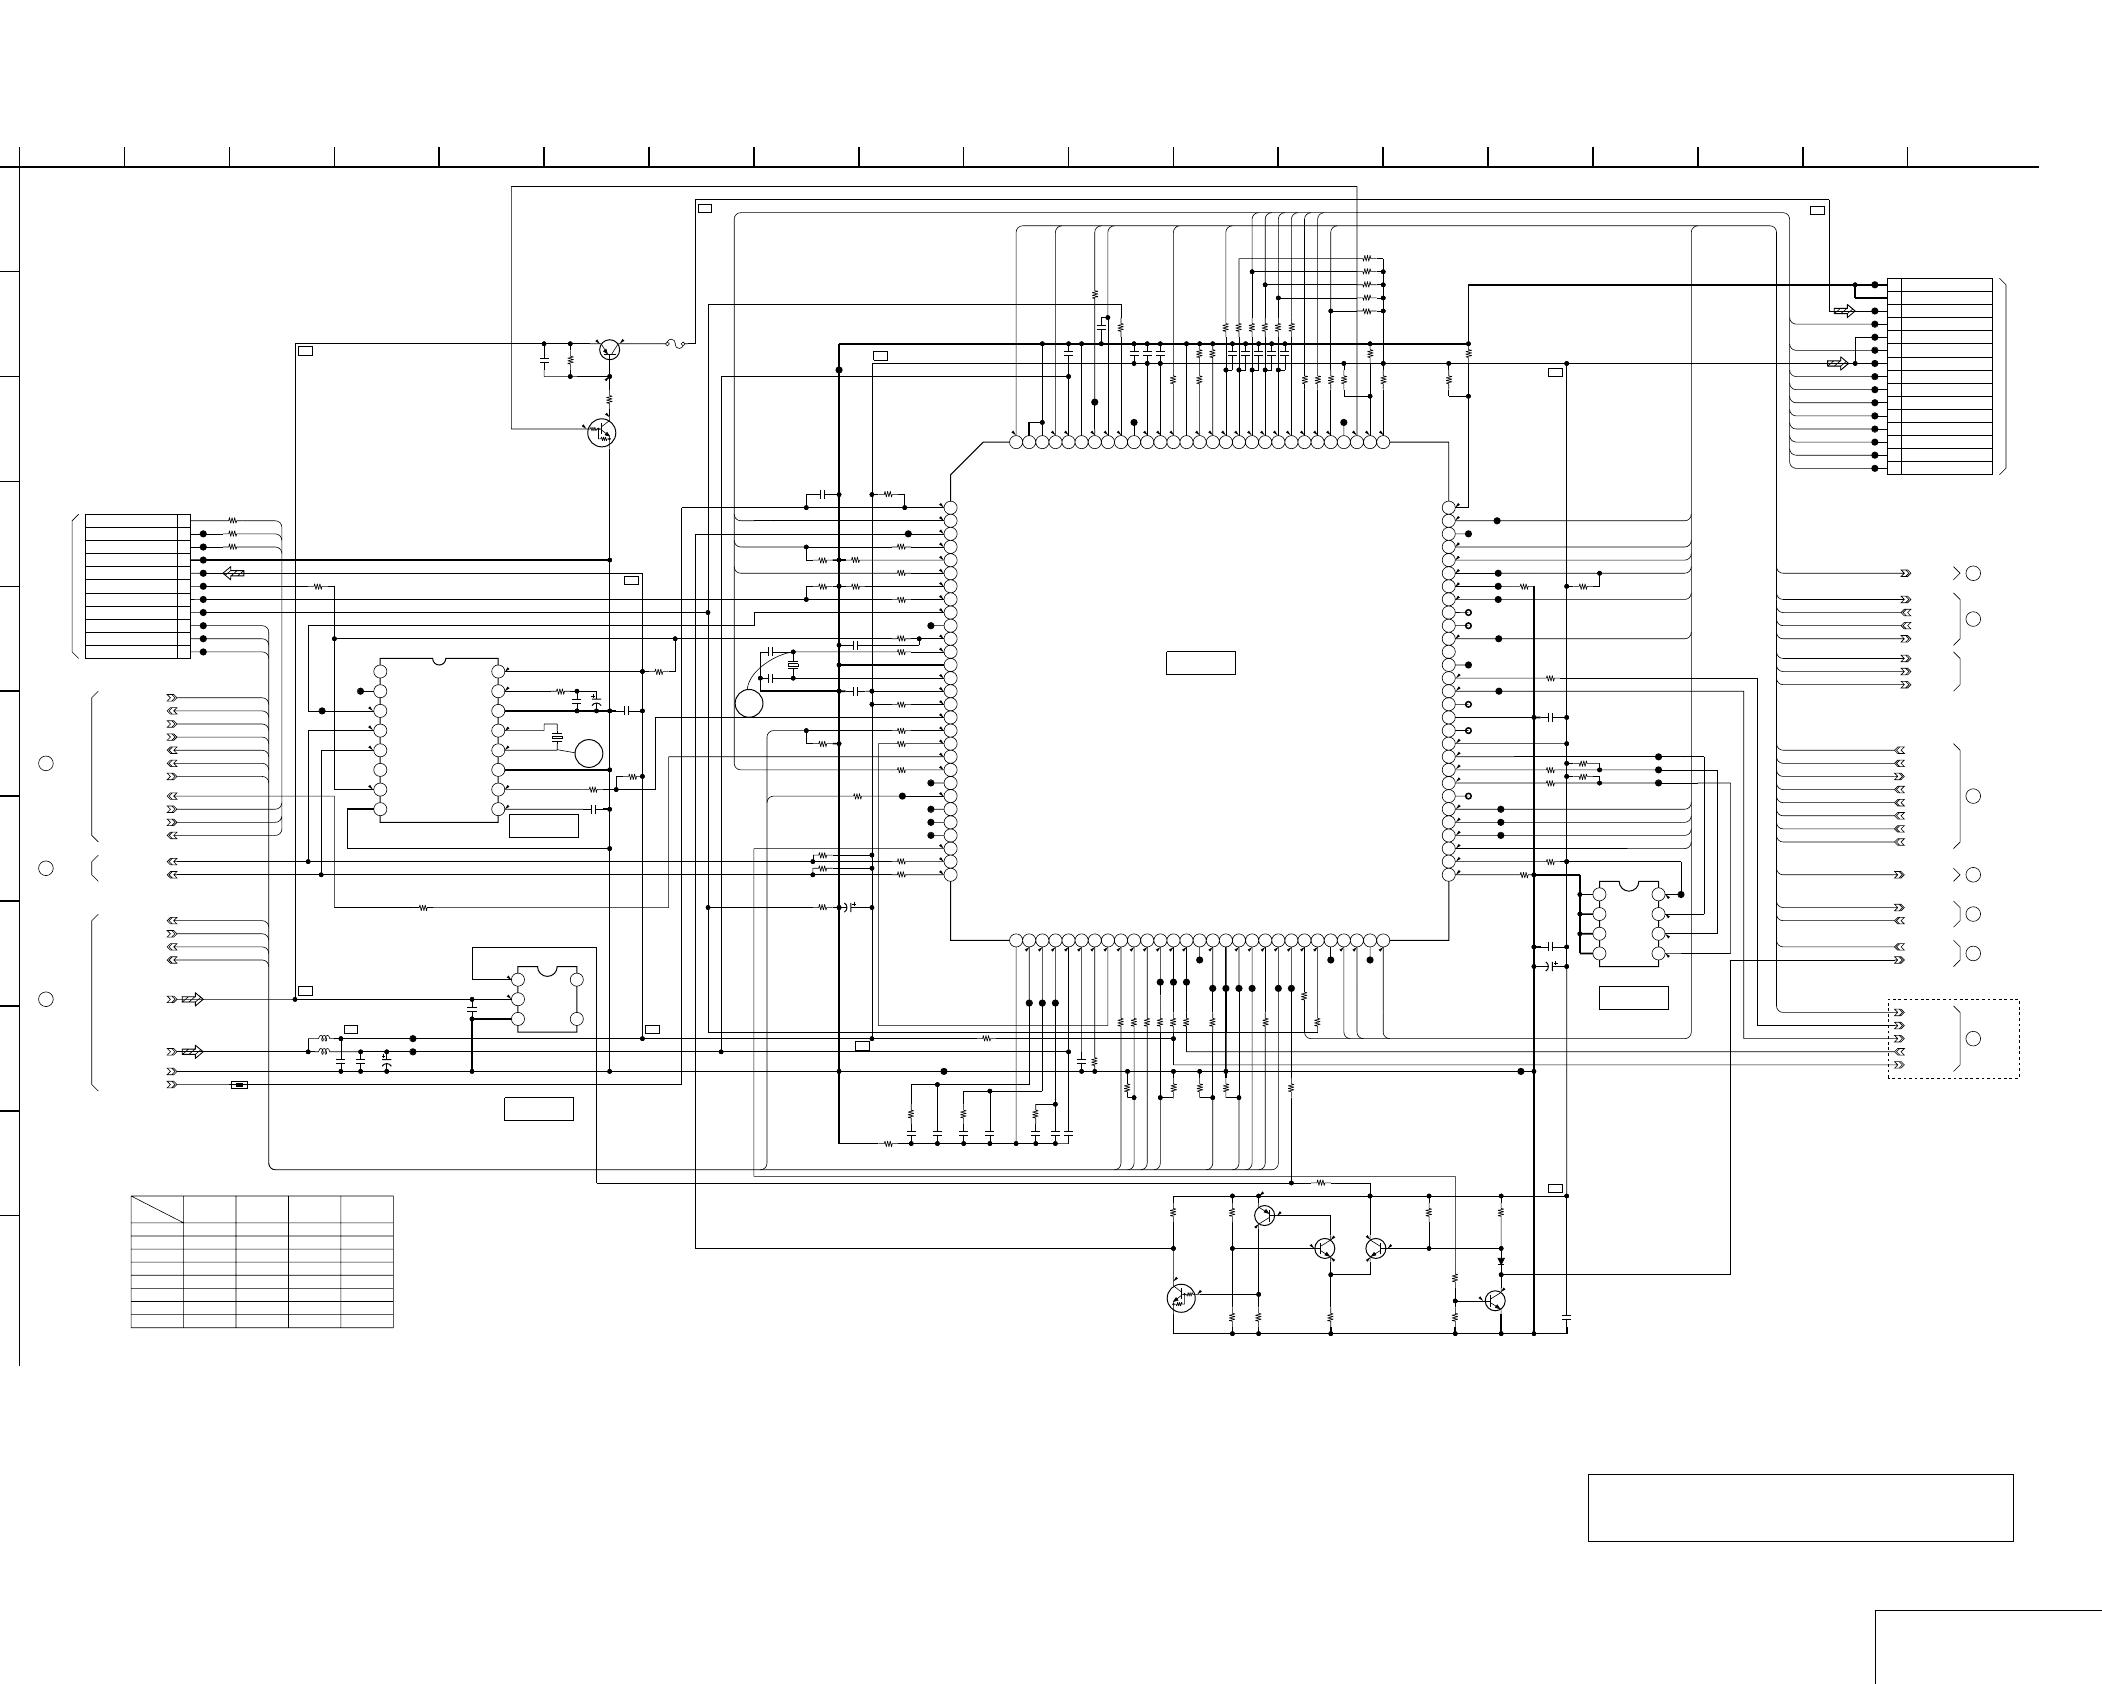 Rdr Hx520 Hx525 Hx720 Hx722 Hx725 Hx727 Hx920 Hx925 Rdrhx520 Ups Circuit Diagram Urdu